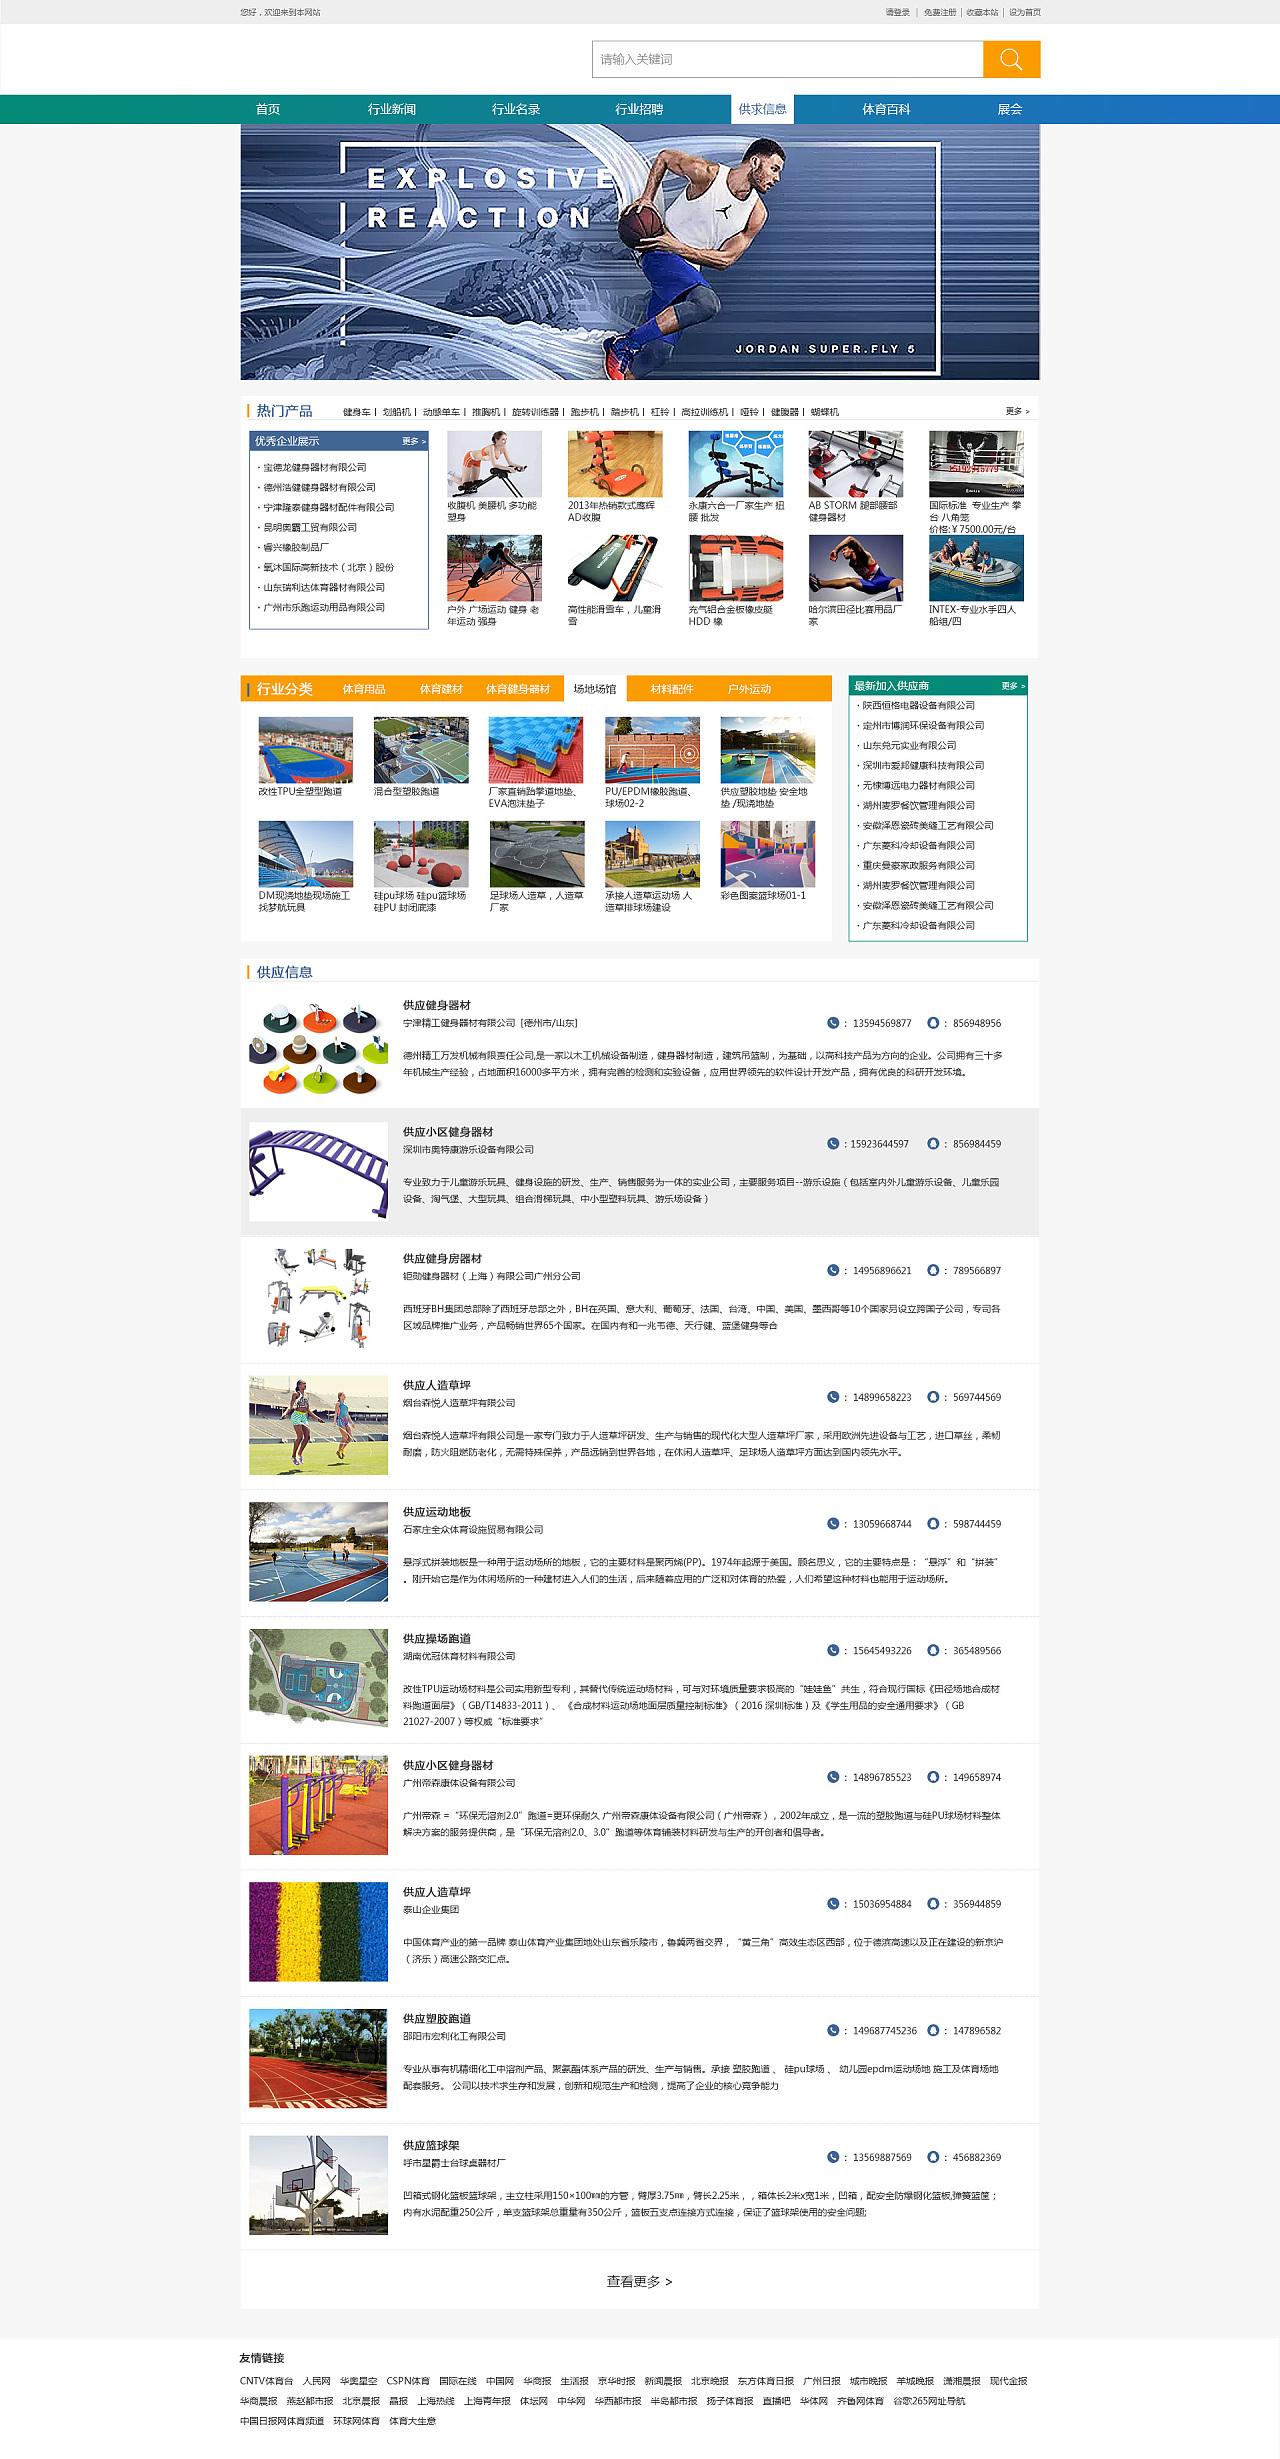 体育资讯_体育资讯网站 网页 门户/社交 WUKONG66 - 原创作品 - 站酷 (ZCOOL)